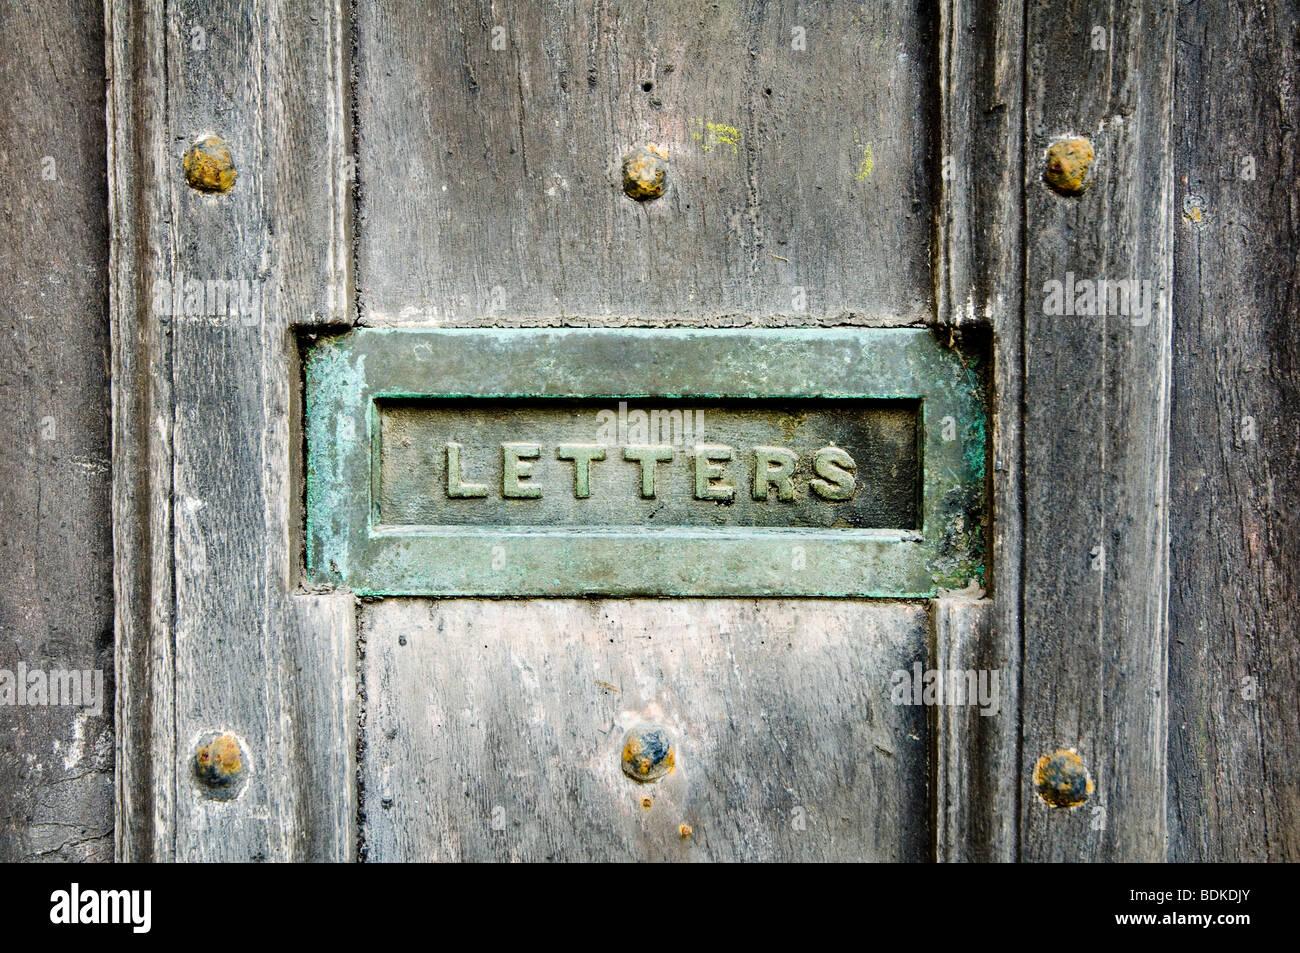 Una carta de verificación, con una pátina verdigris, bajorrelieve en una vieja y gastada puerta de roble, Imagen De Stock